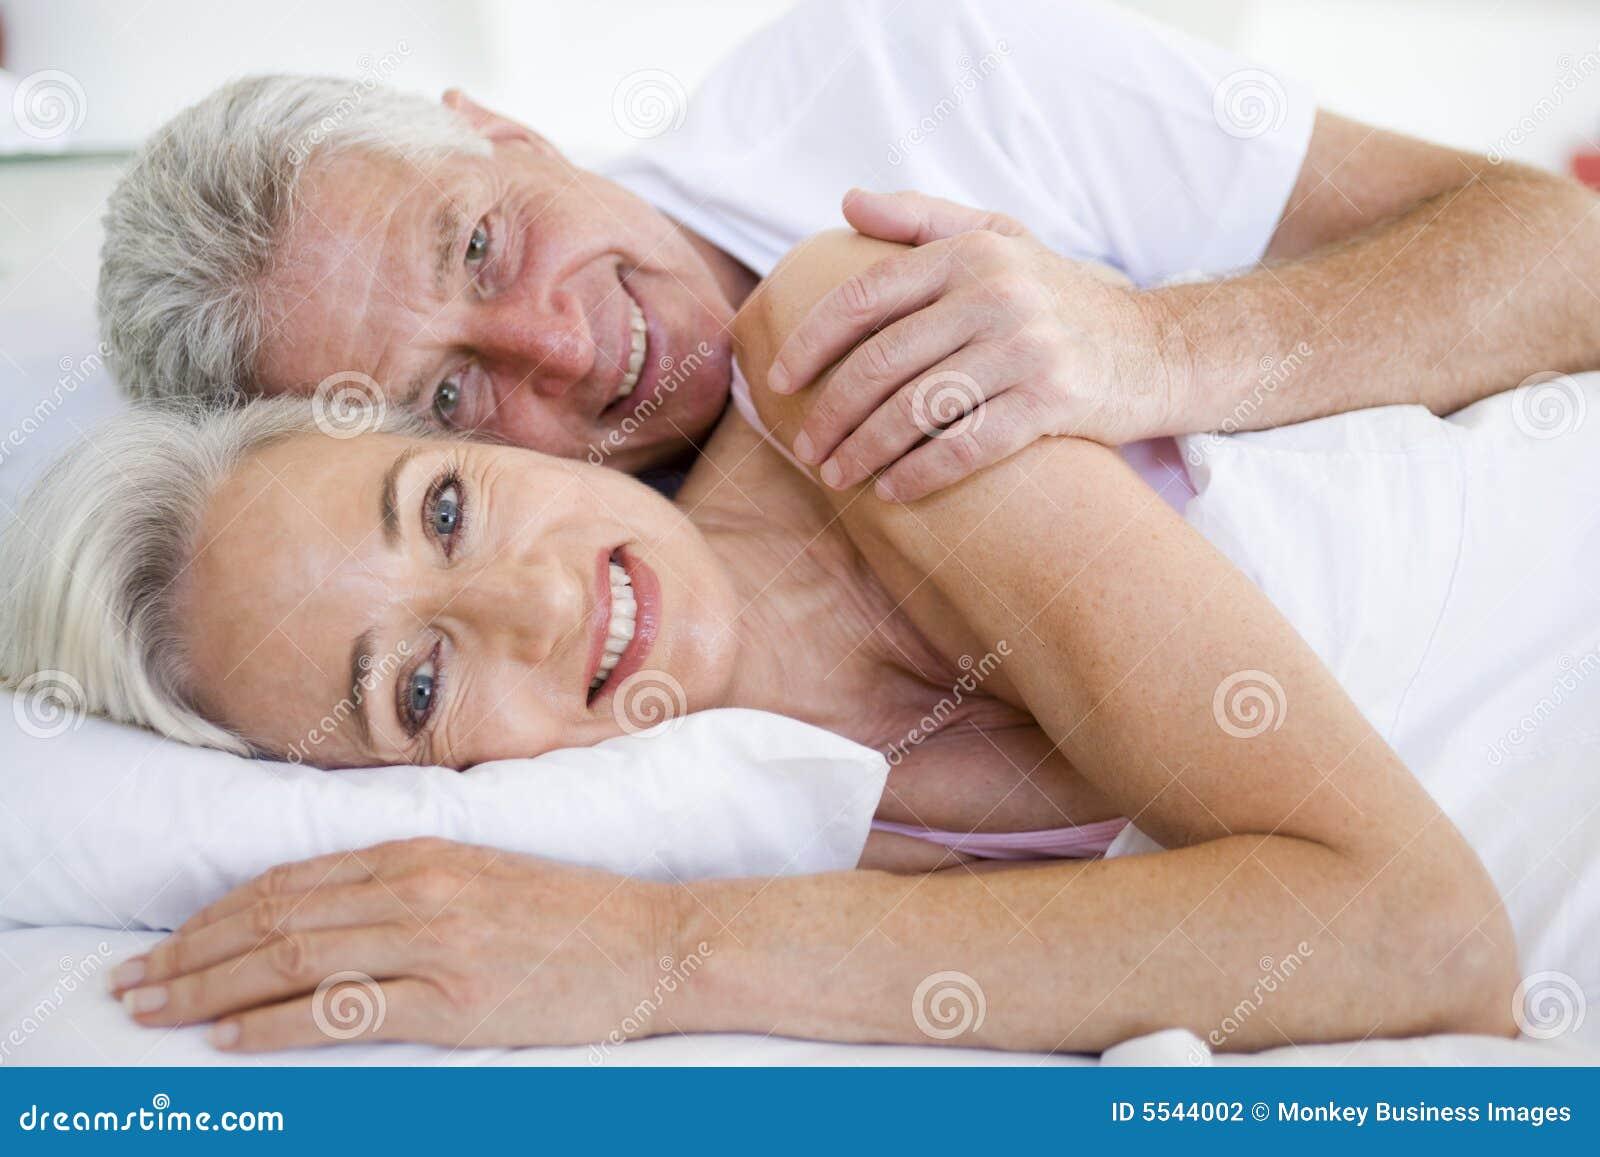 Секс с мамашами в возрасте, Порно с мамки онлайн, где баба отдает сынку свою киску 24 фотография